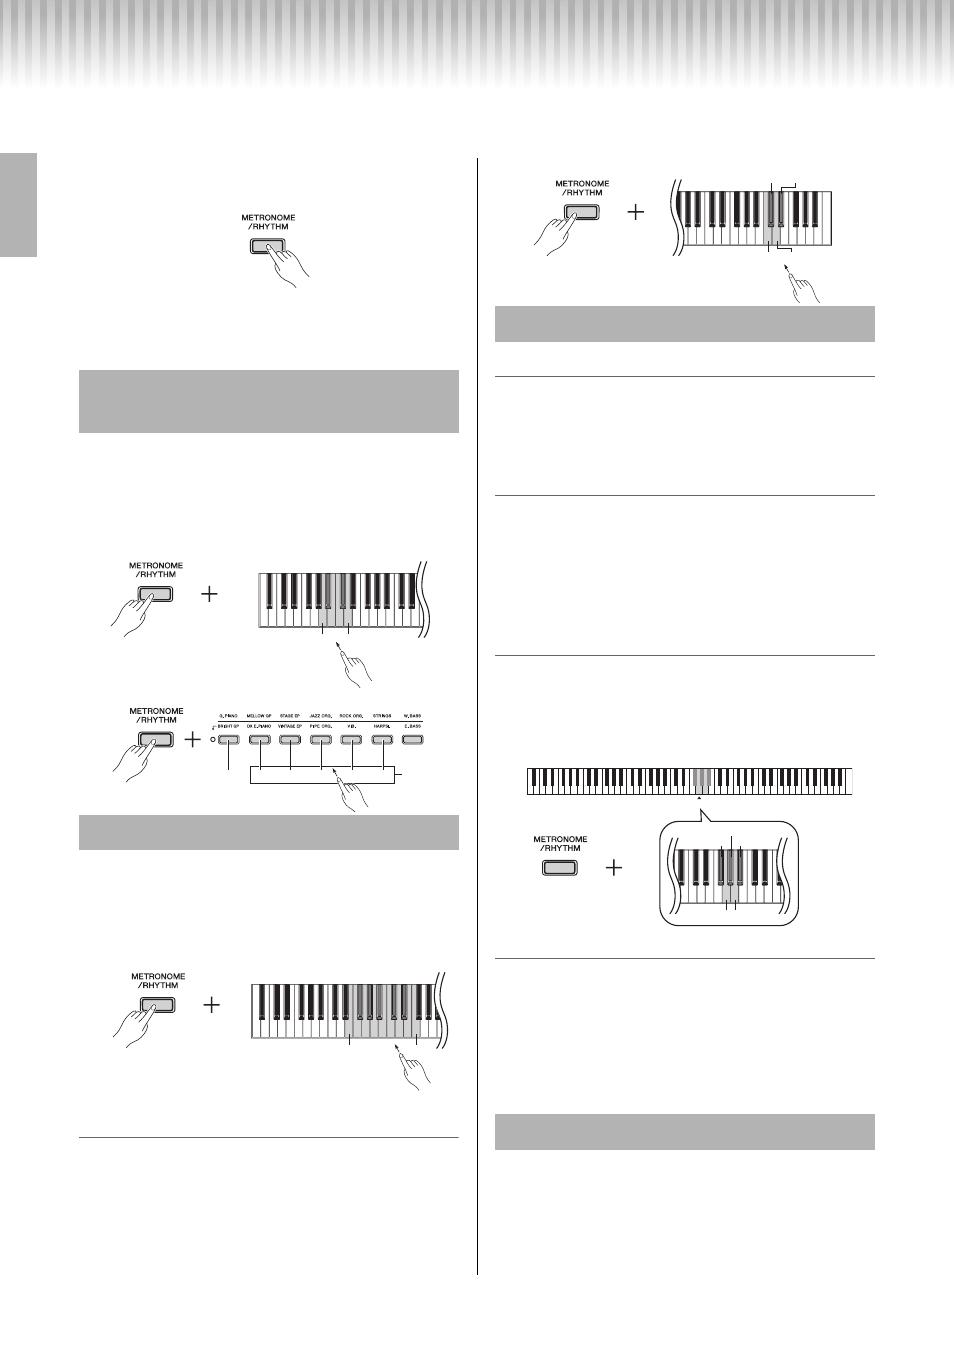 Utilisation du métronome/rythme, Sélection d'un temps (indication de